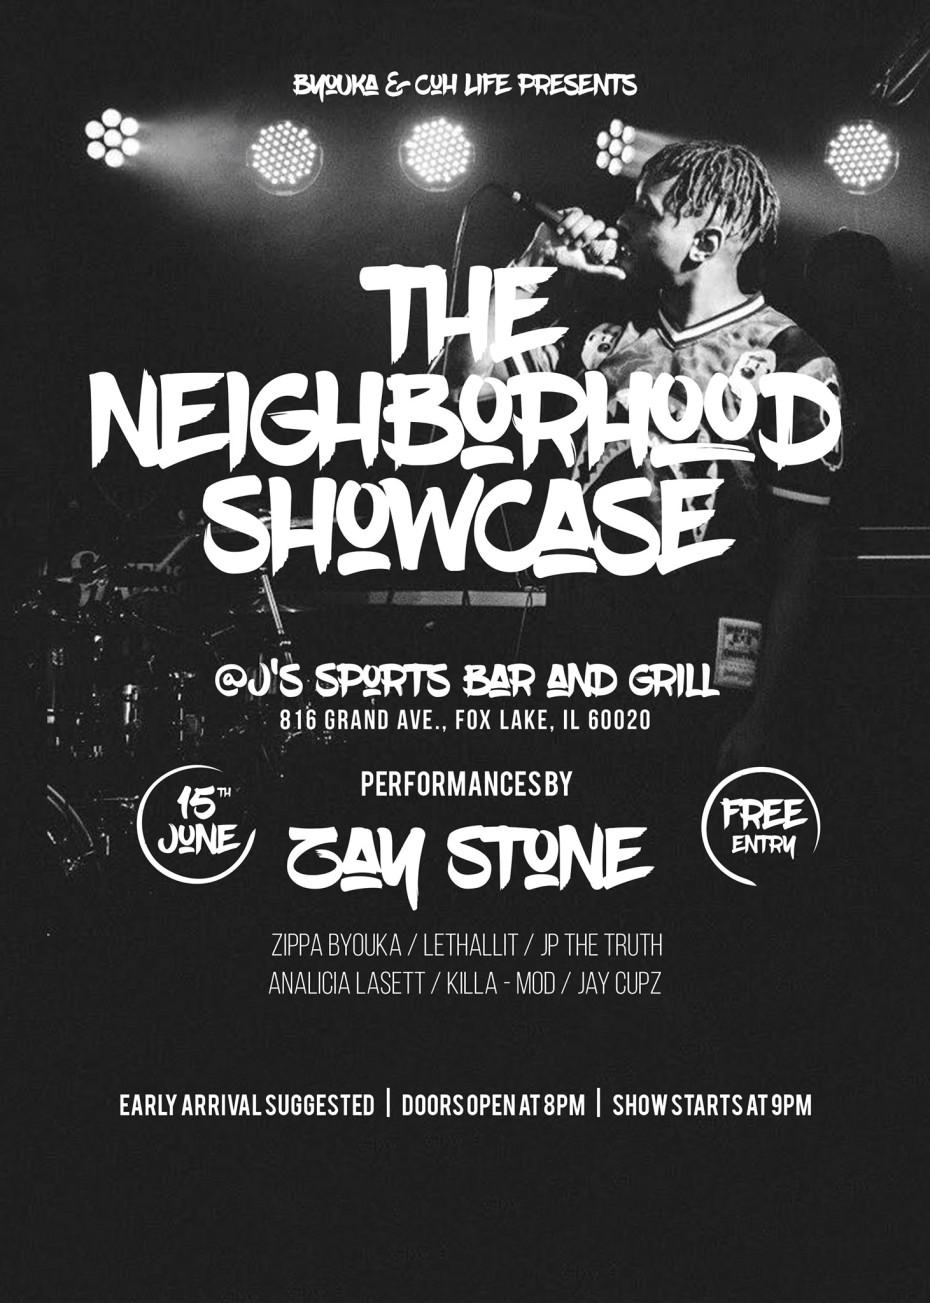 The Neighborhood Showcase